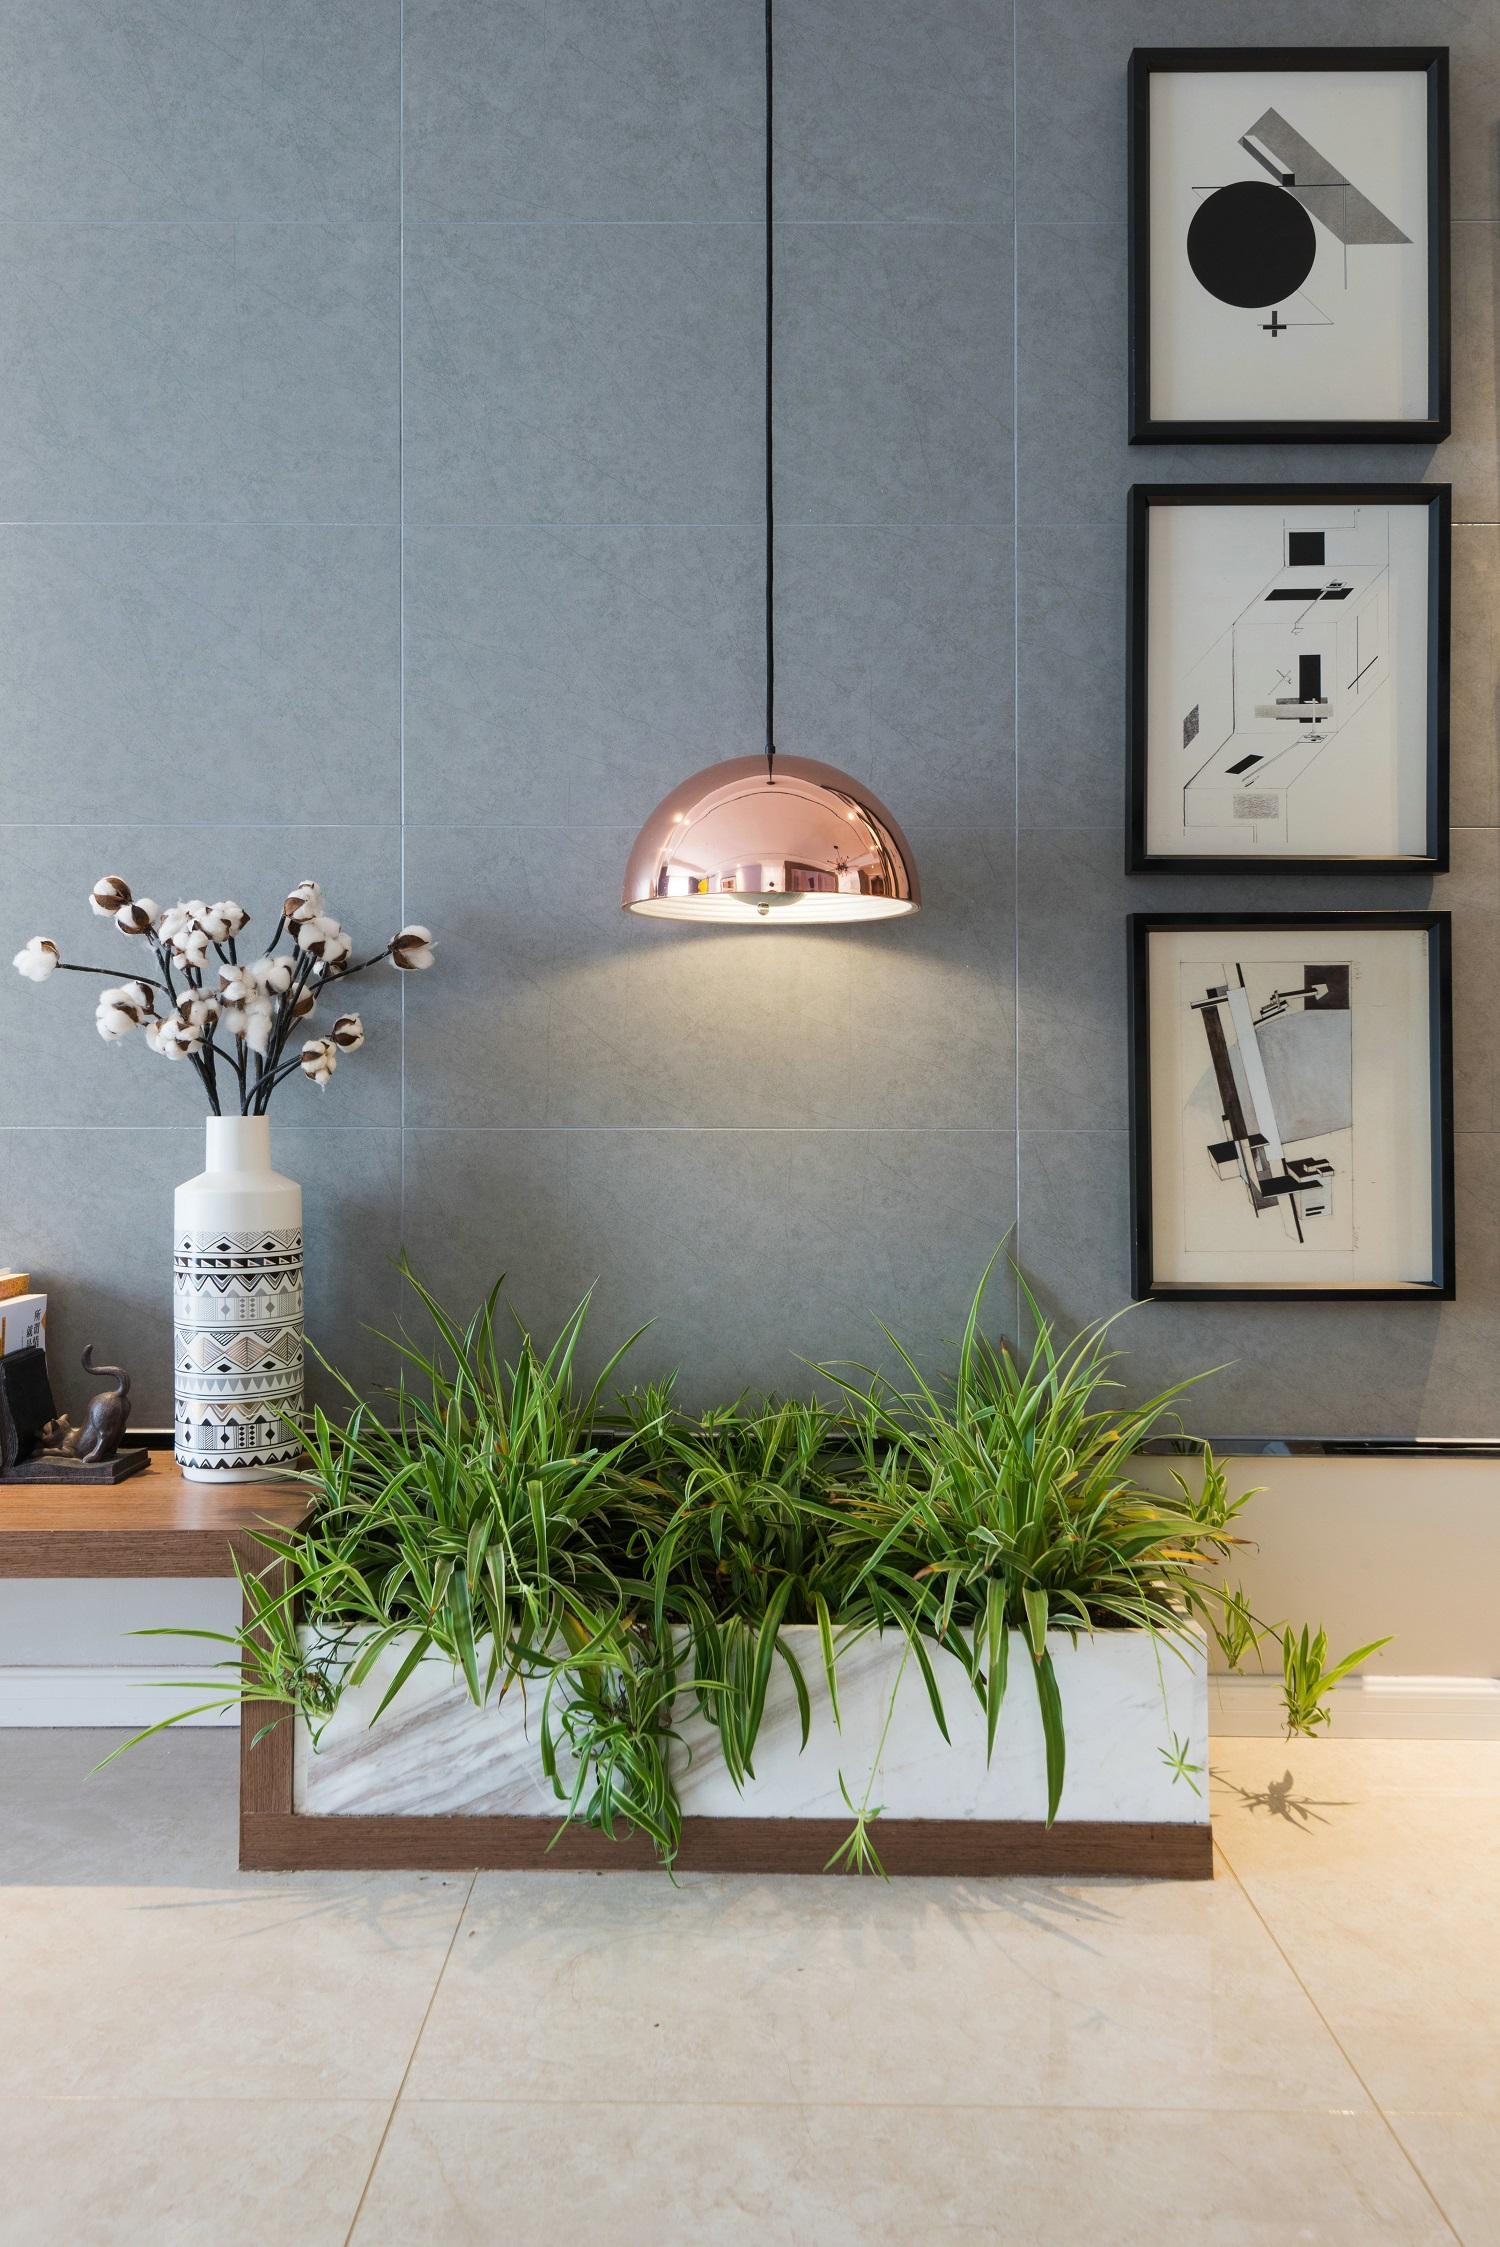 110㎡现代风格家室内绿植图片